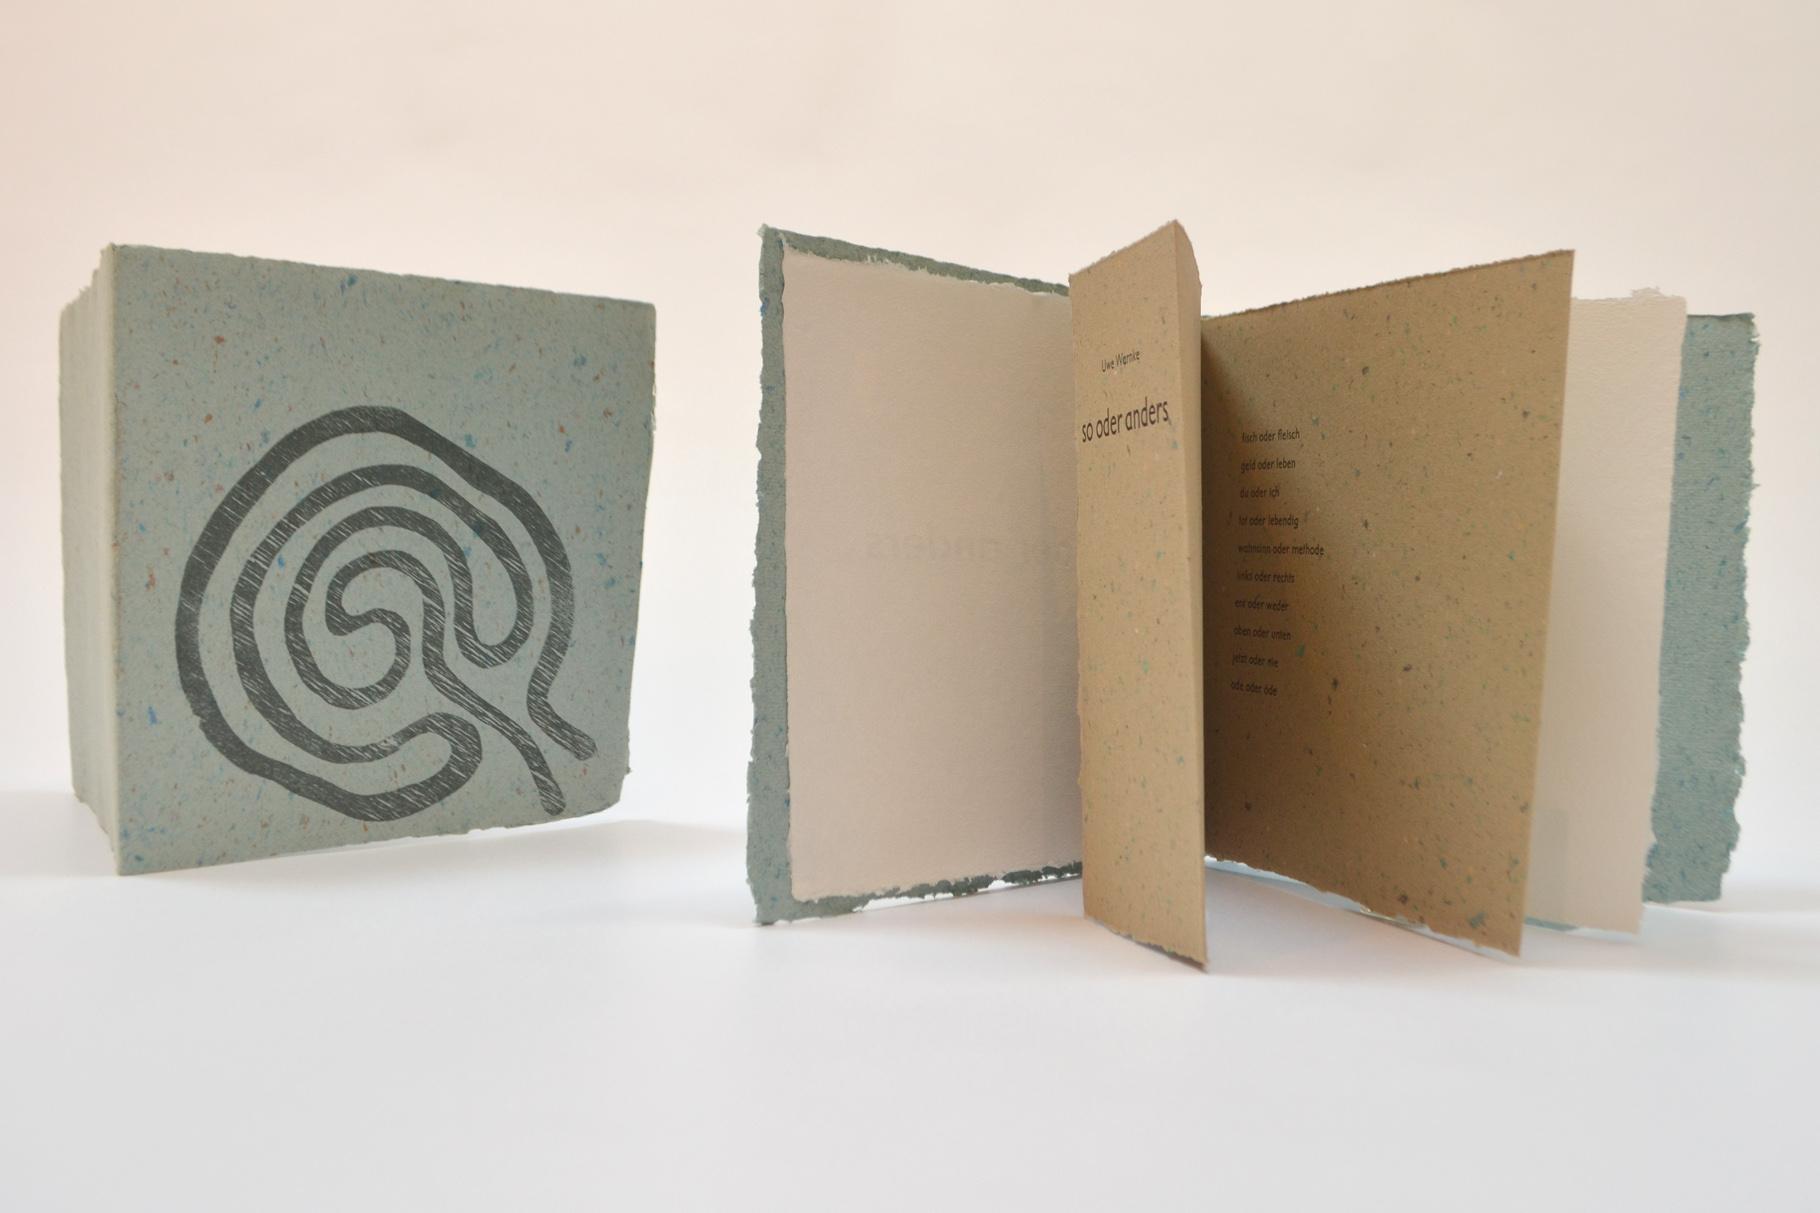 """""""so oder anders"""" (2004) - Ein Heft, gestaltet von John Gerard mit einem Text von Uwe Warnke"""